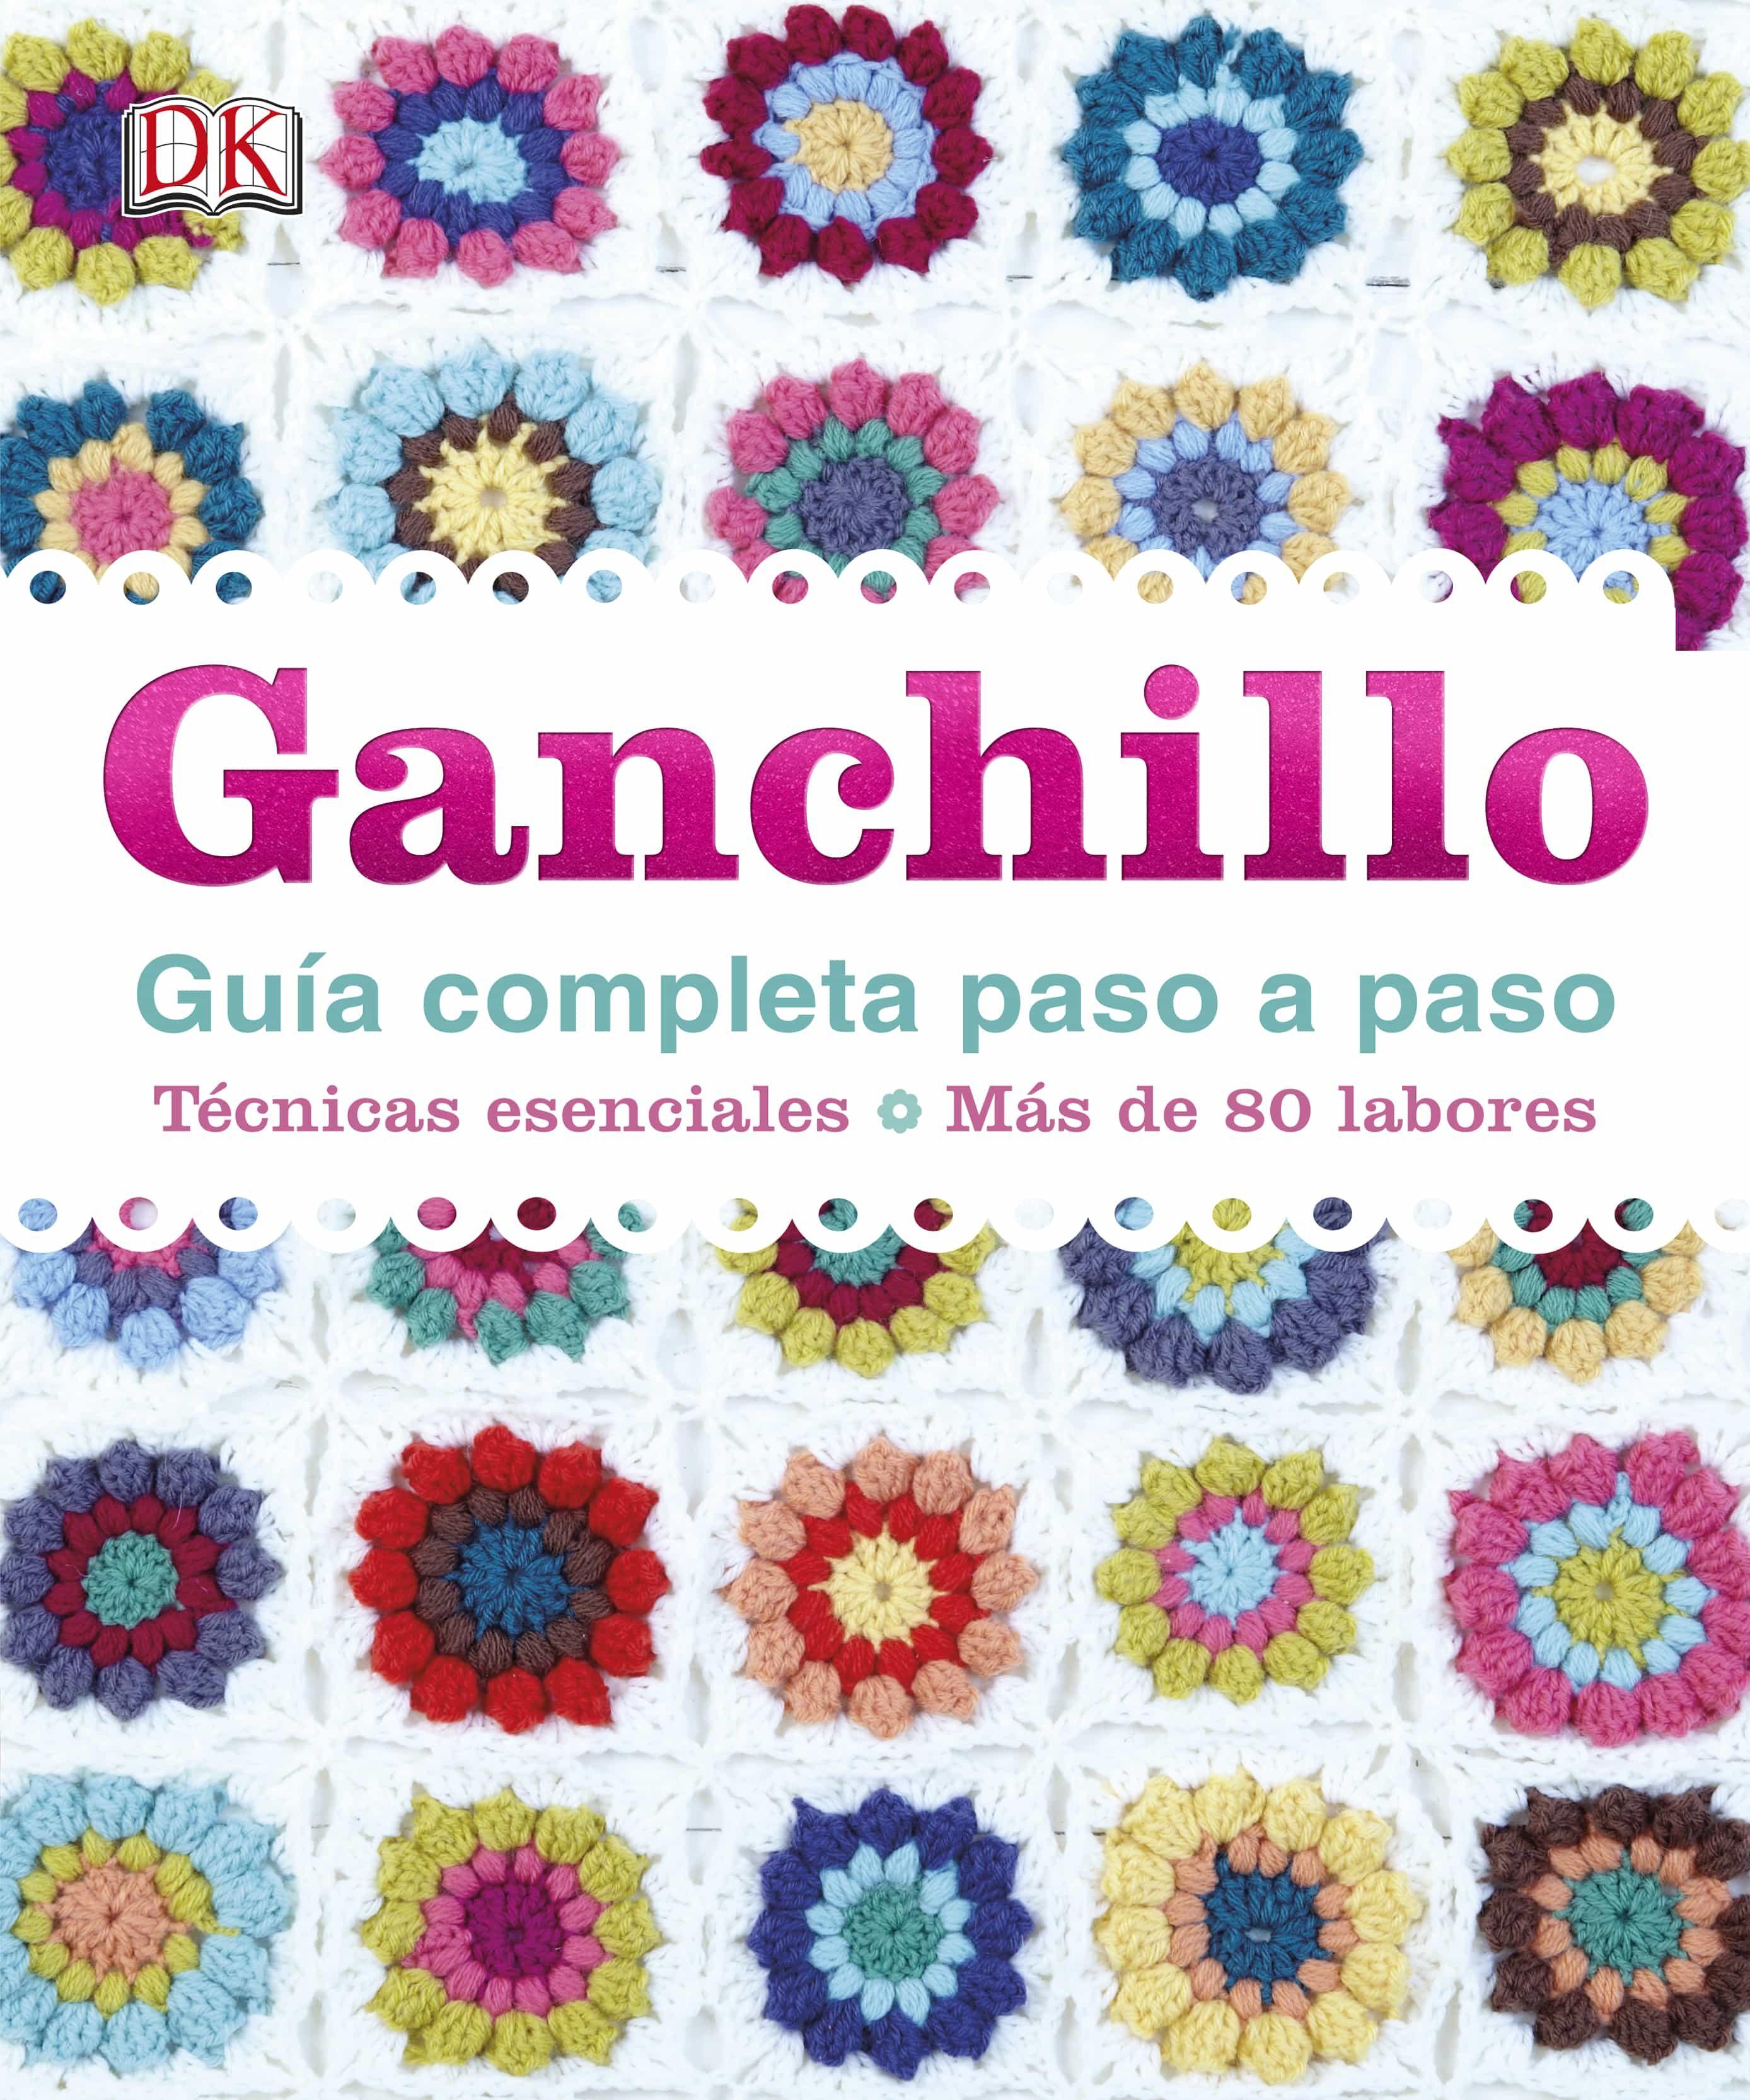 GANCHILLO GUIA COMPLETA PASO A PASO | VV.AA. | Comprar libro ...